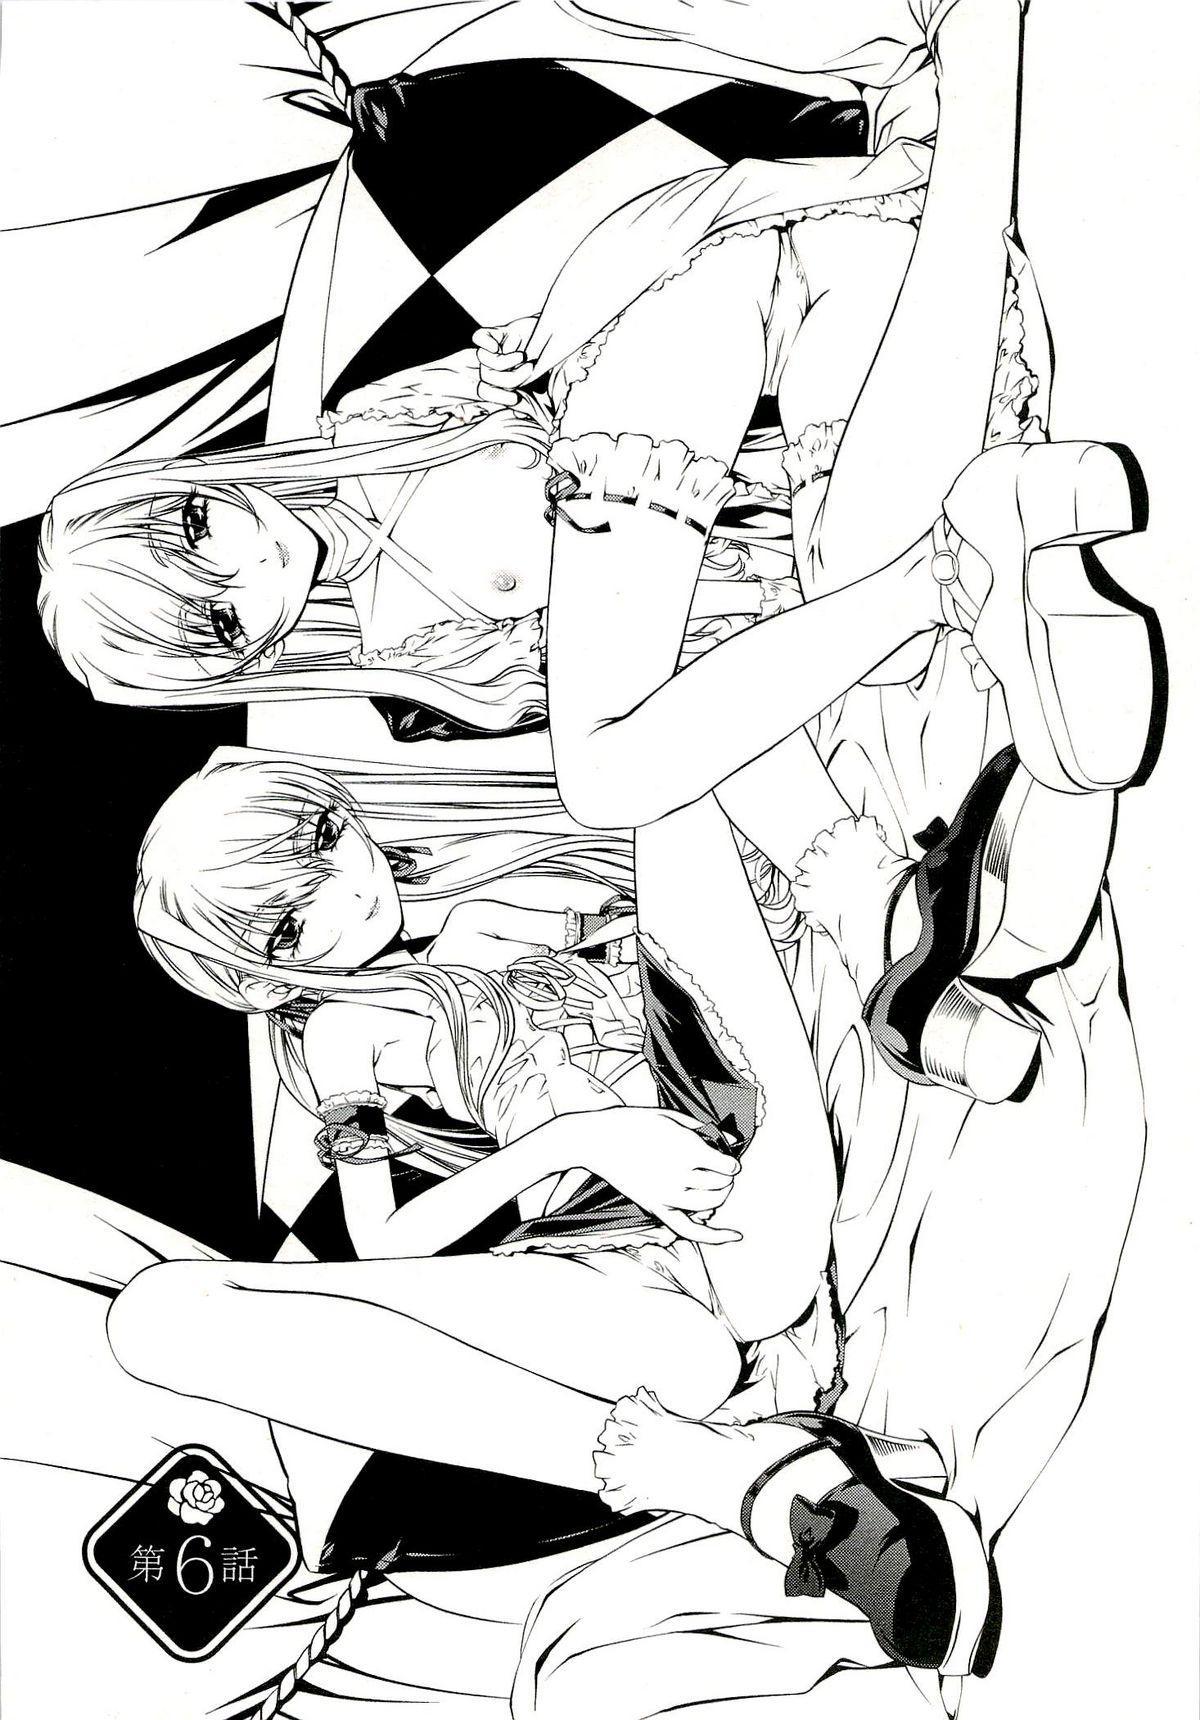 Bara Seiyoukan v.01 ch06 - 08 0